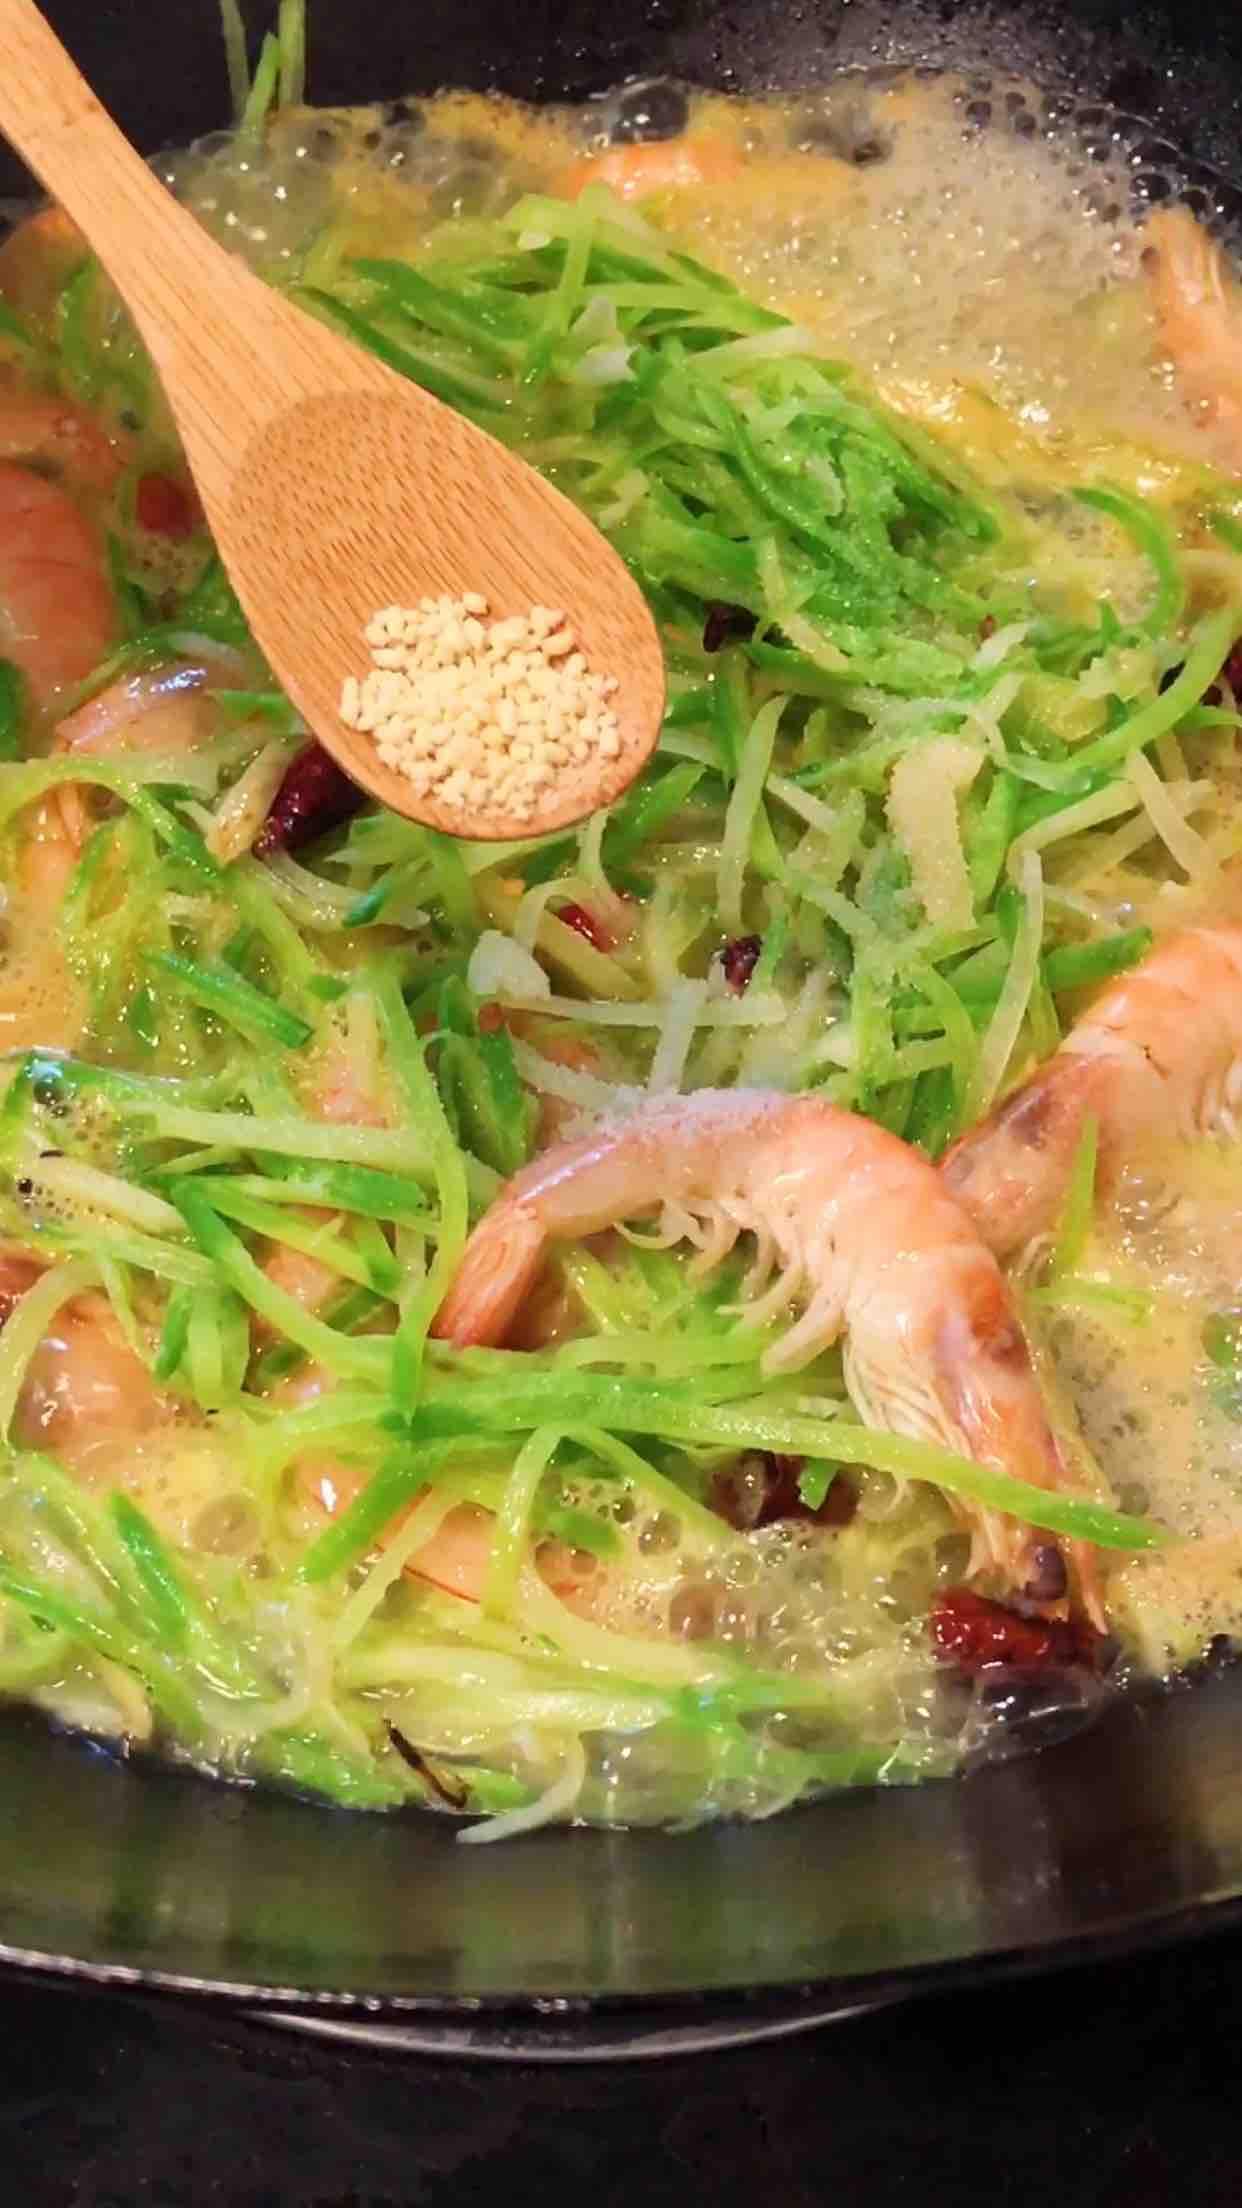 萝卜丝虾怎么煮